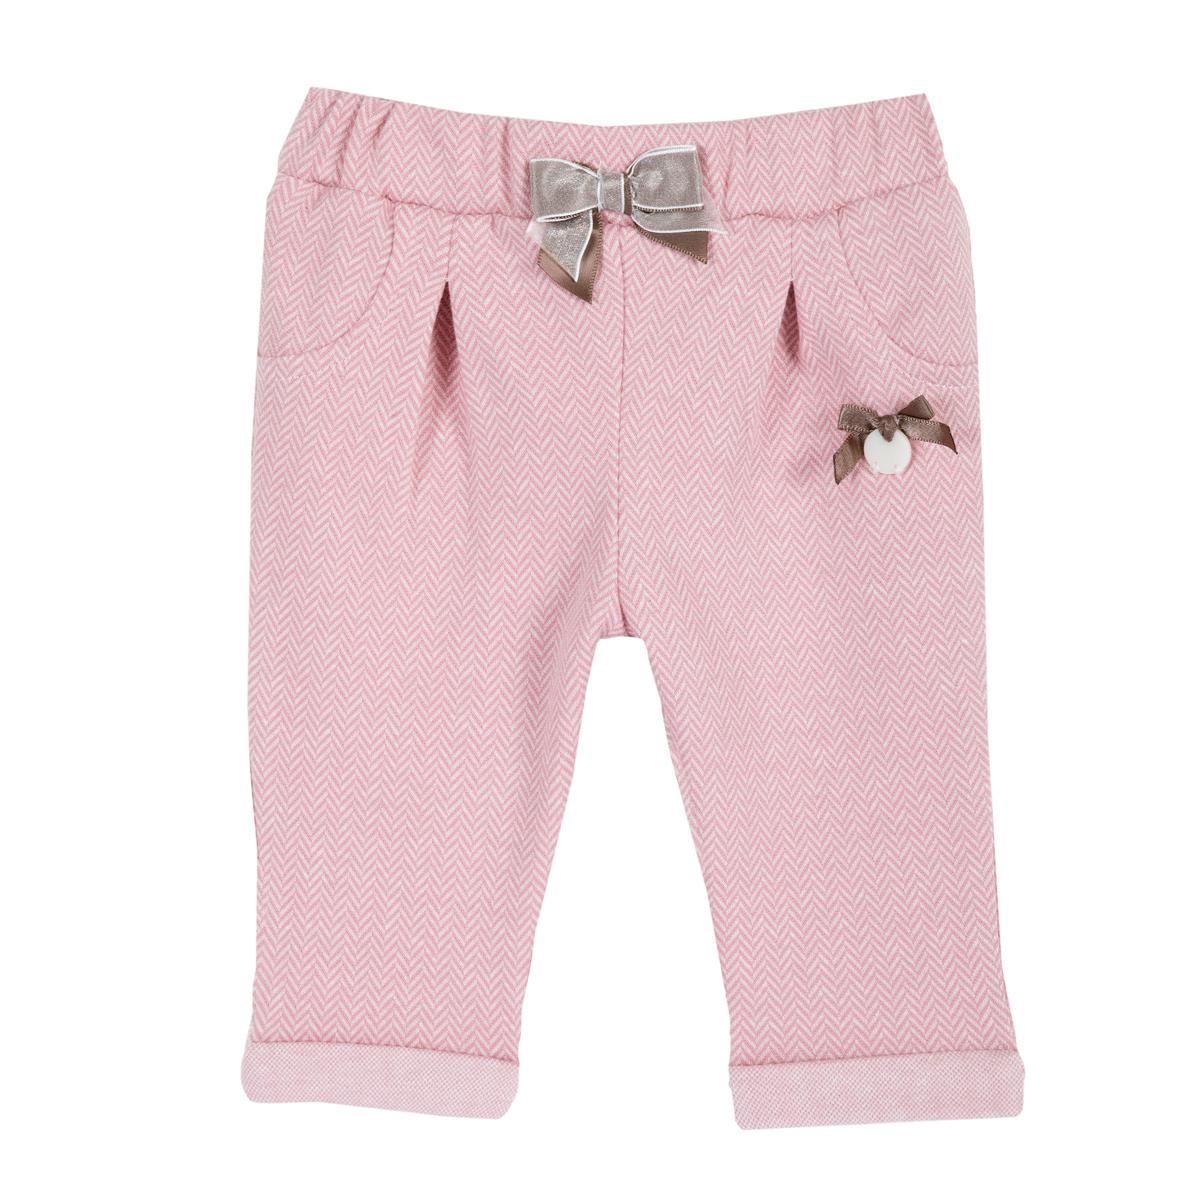 Pantaloni copii Chicco, jerse cu fundite, corai, 08028 din categoria Pantaloni copii